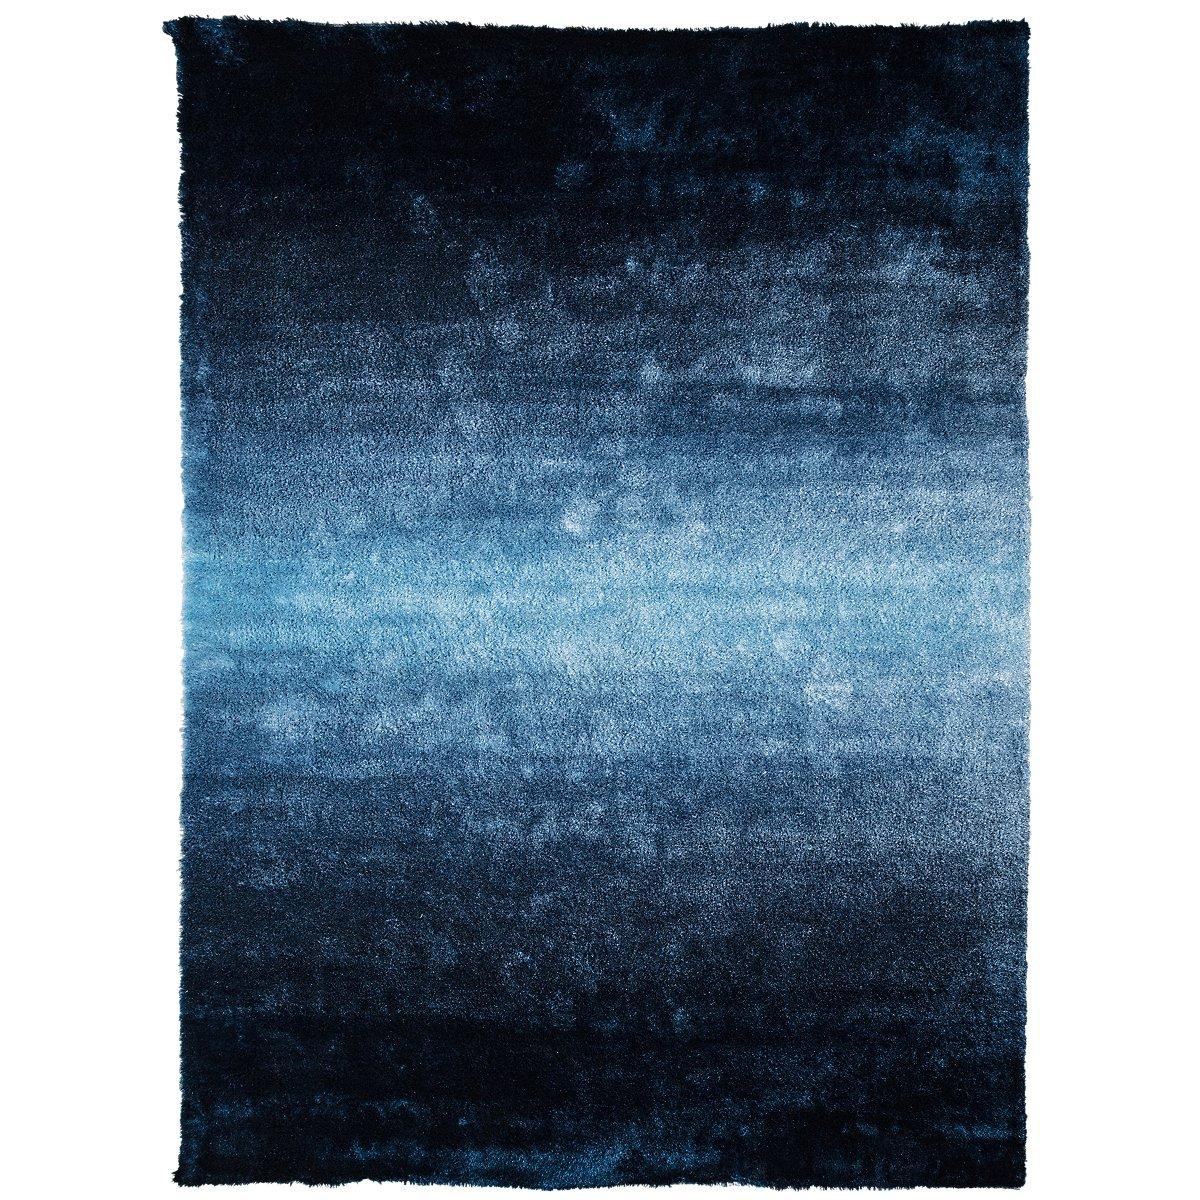 ombre blue 5x8 area rug. Black Bedroom Furniture Sets. Home Design Ideas